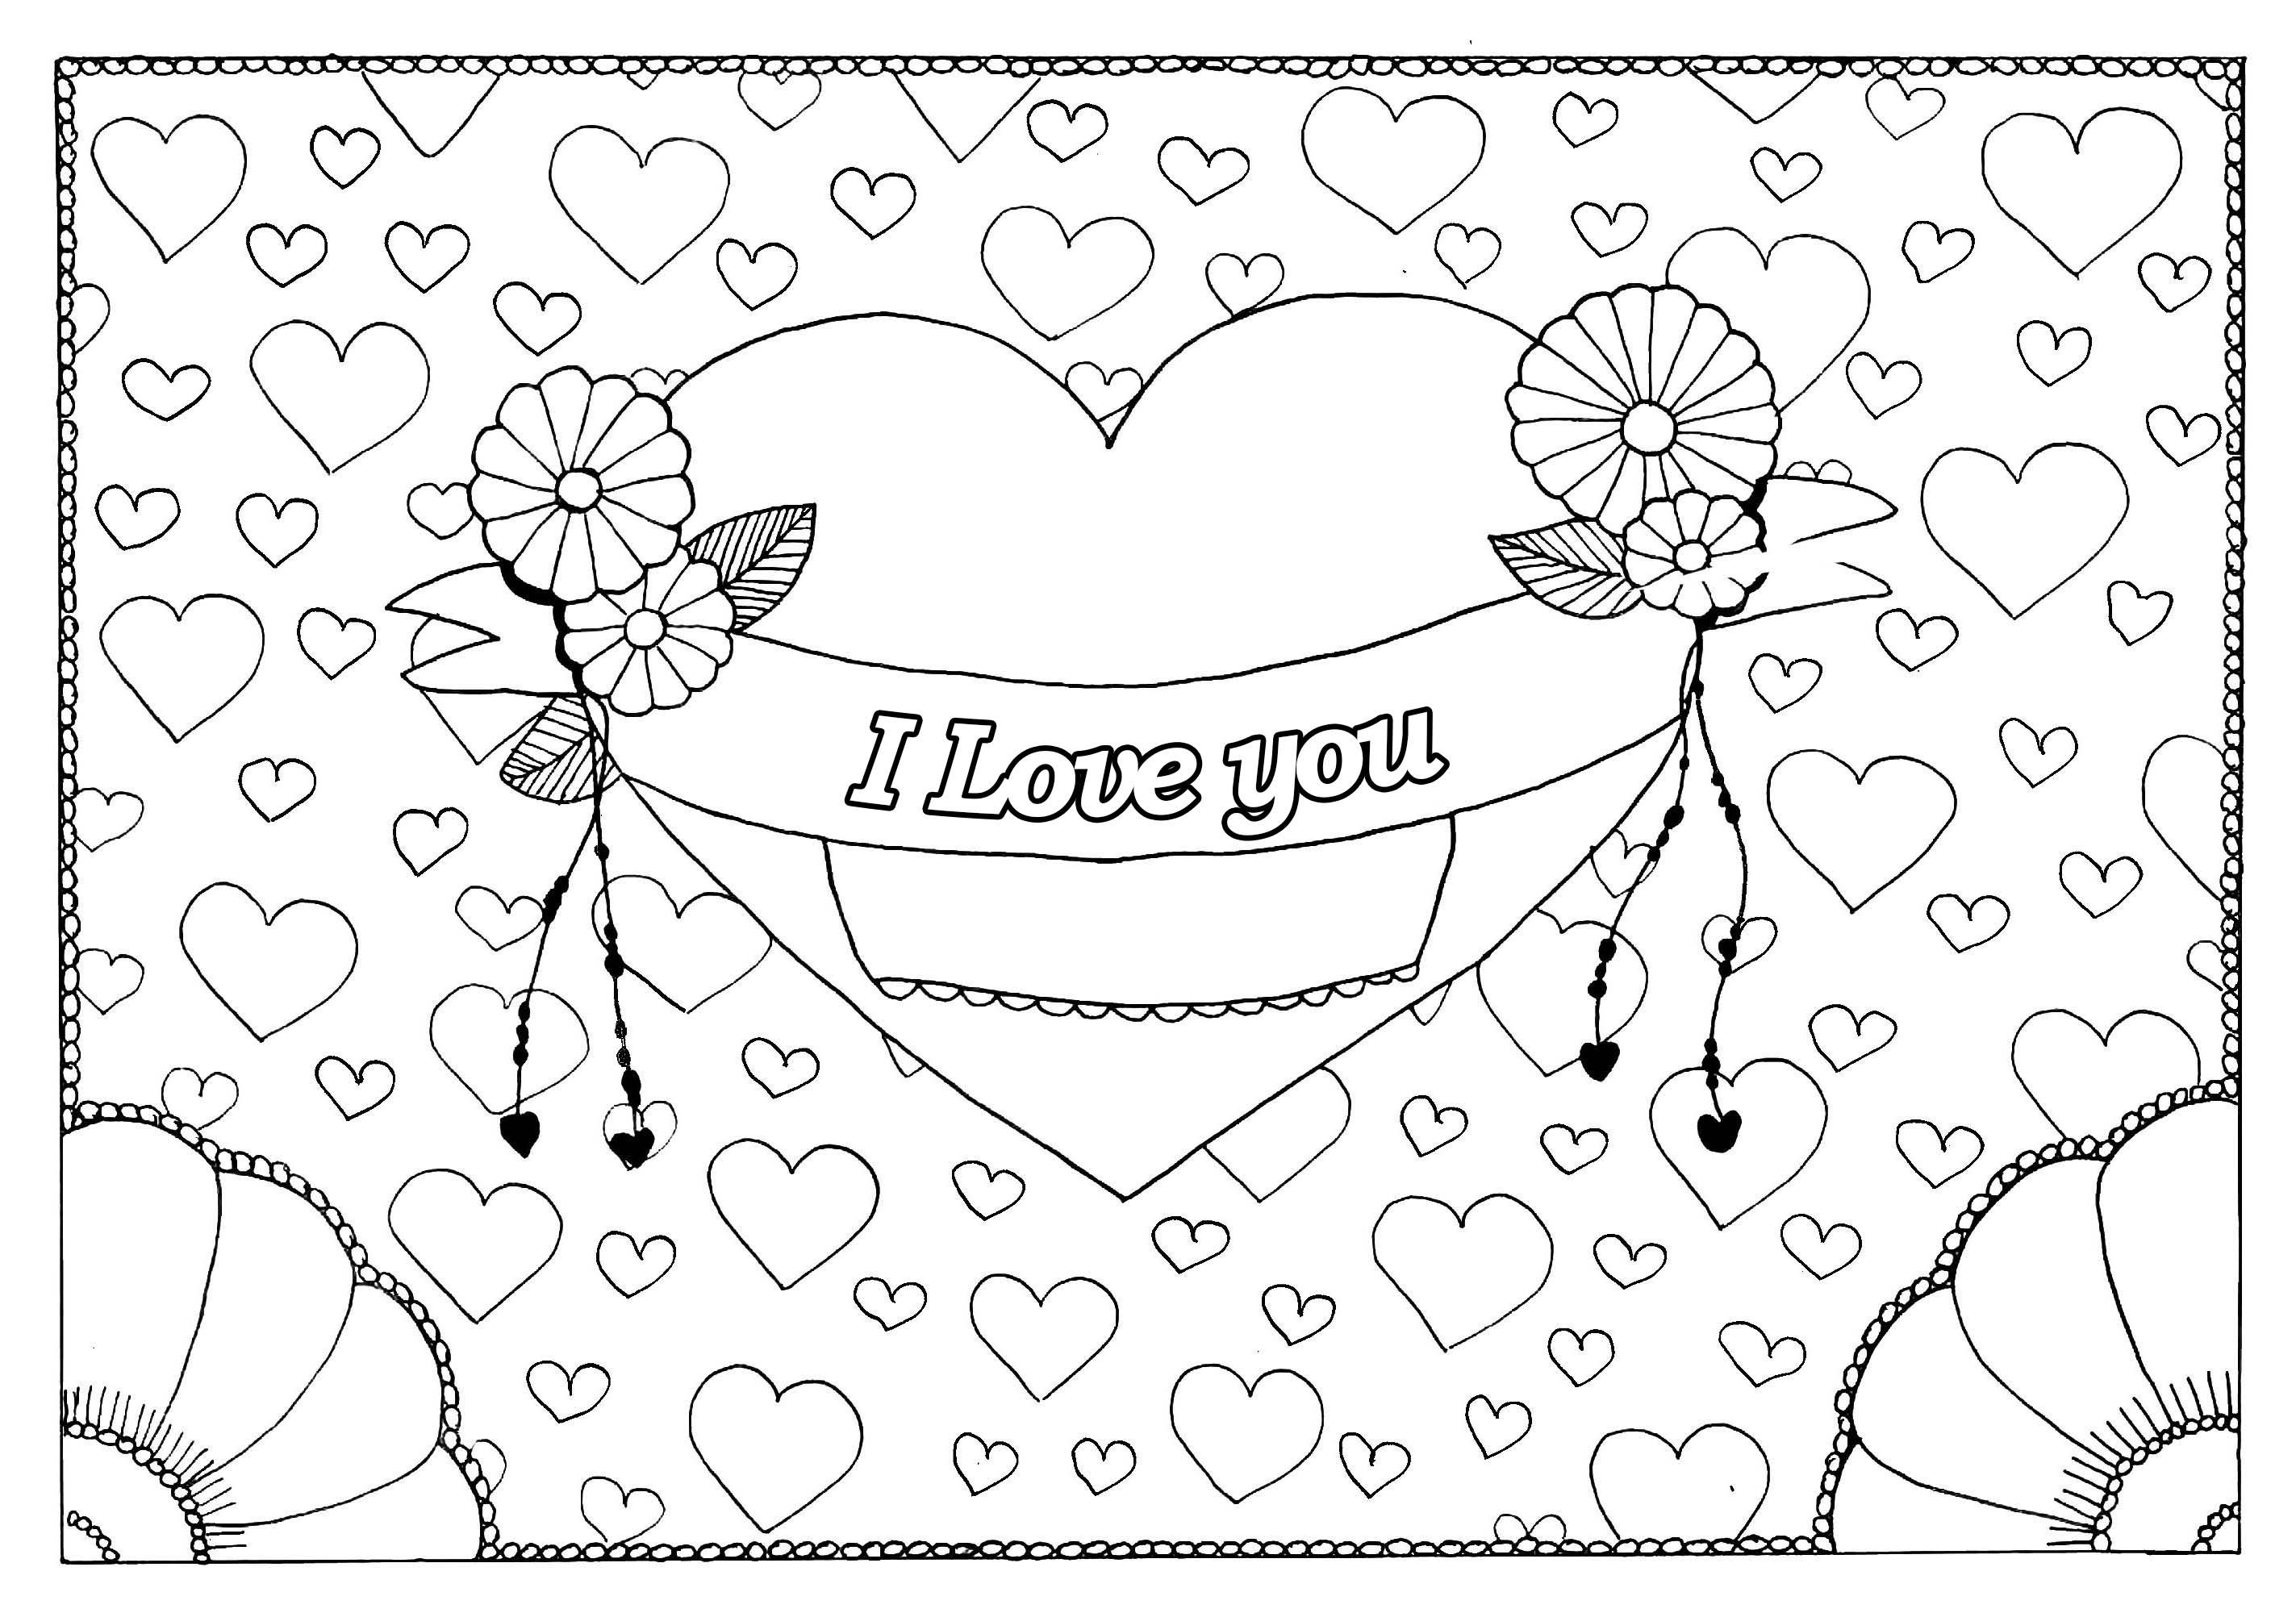 Imagenes De Valentines Day Para Colorear ✓ Enam Valentine